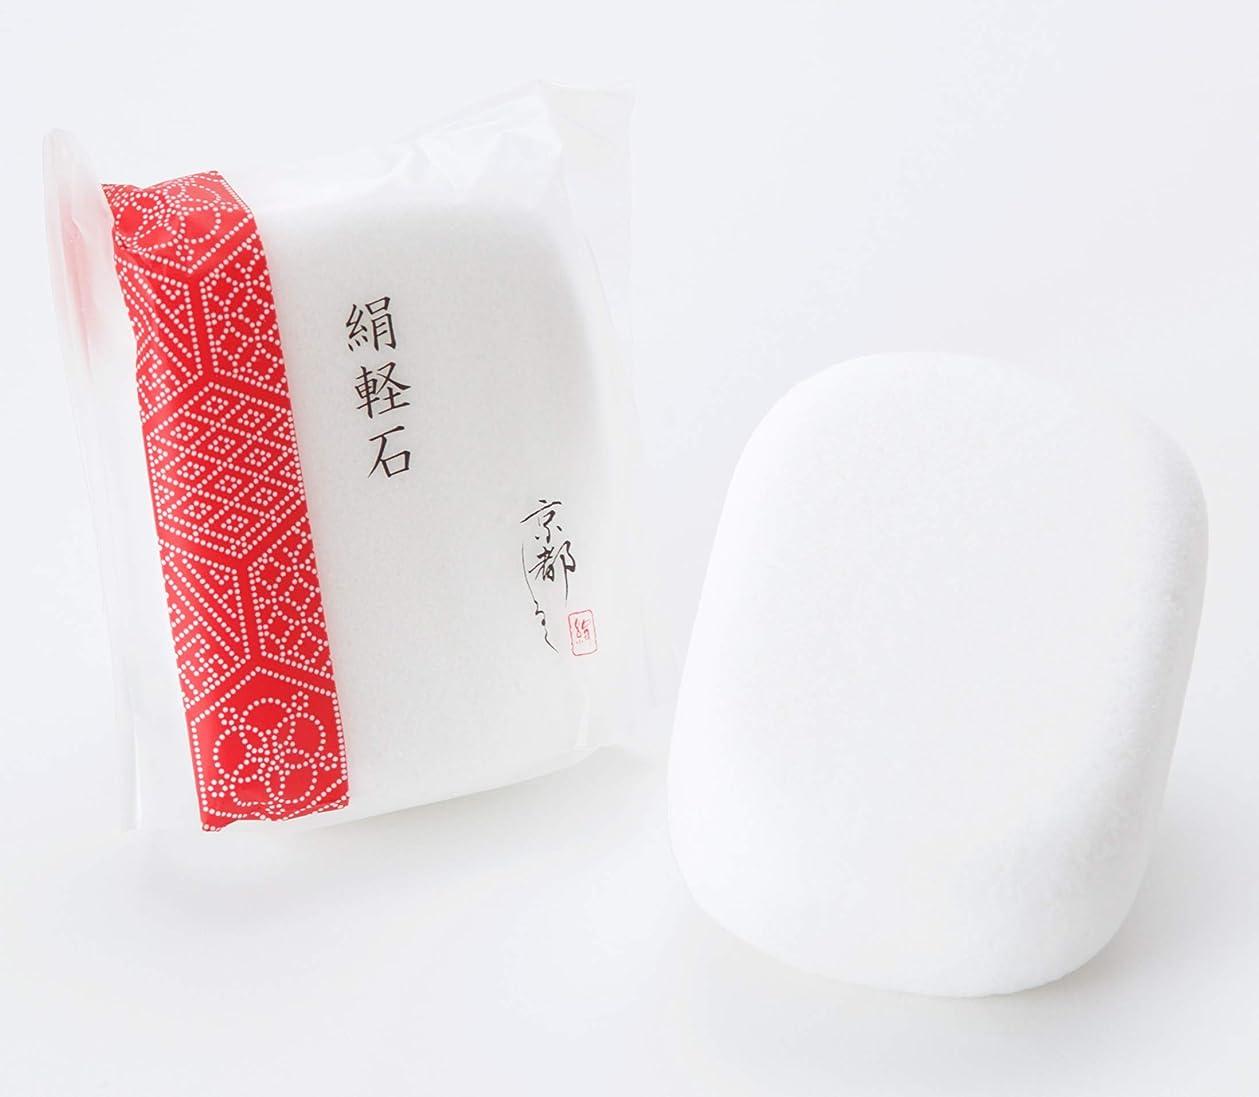 ローブフルート震える京都しるく シルクの軽石 2個セット【保湿成分シルクパウダー配合】/かかとの角質を落としてツルツル素足に 絹軽石 かかとキレイ かかとつるつる